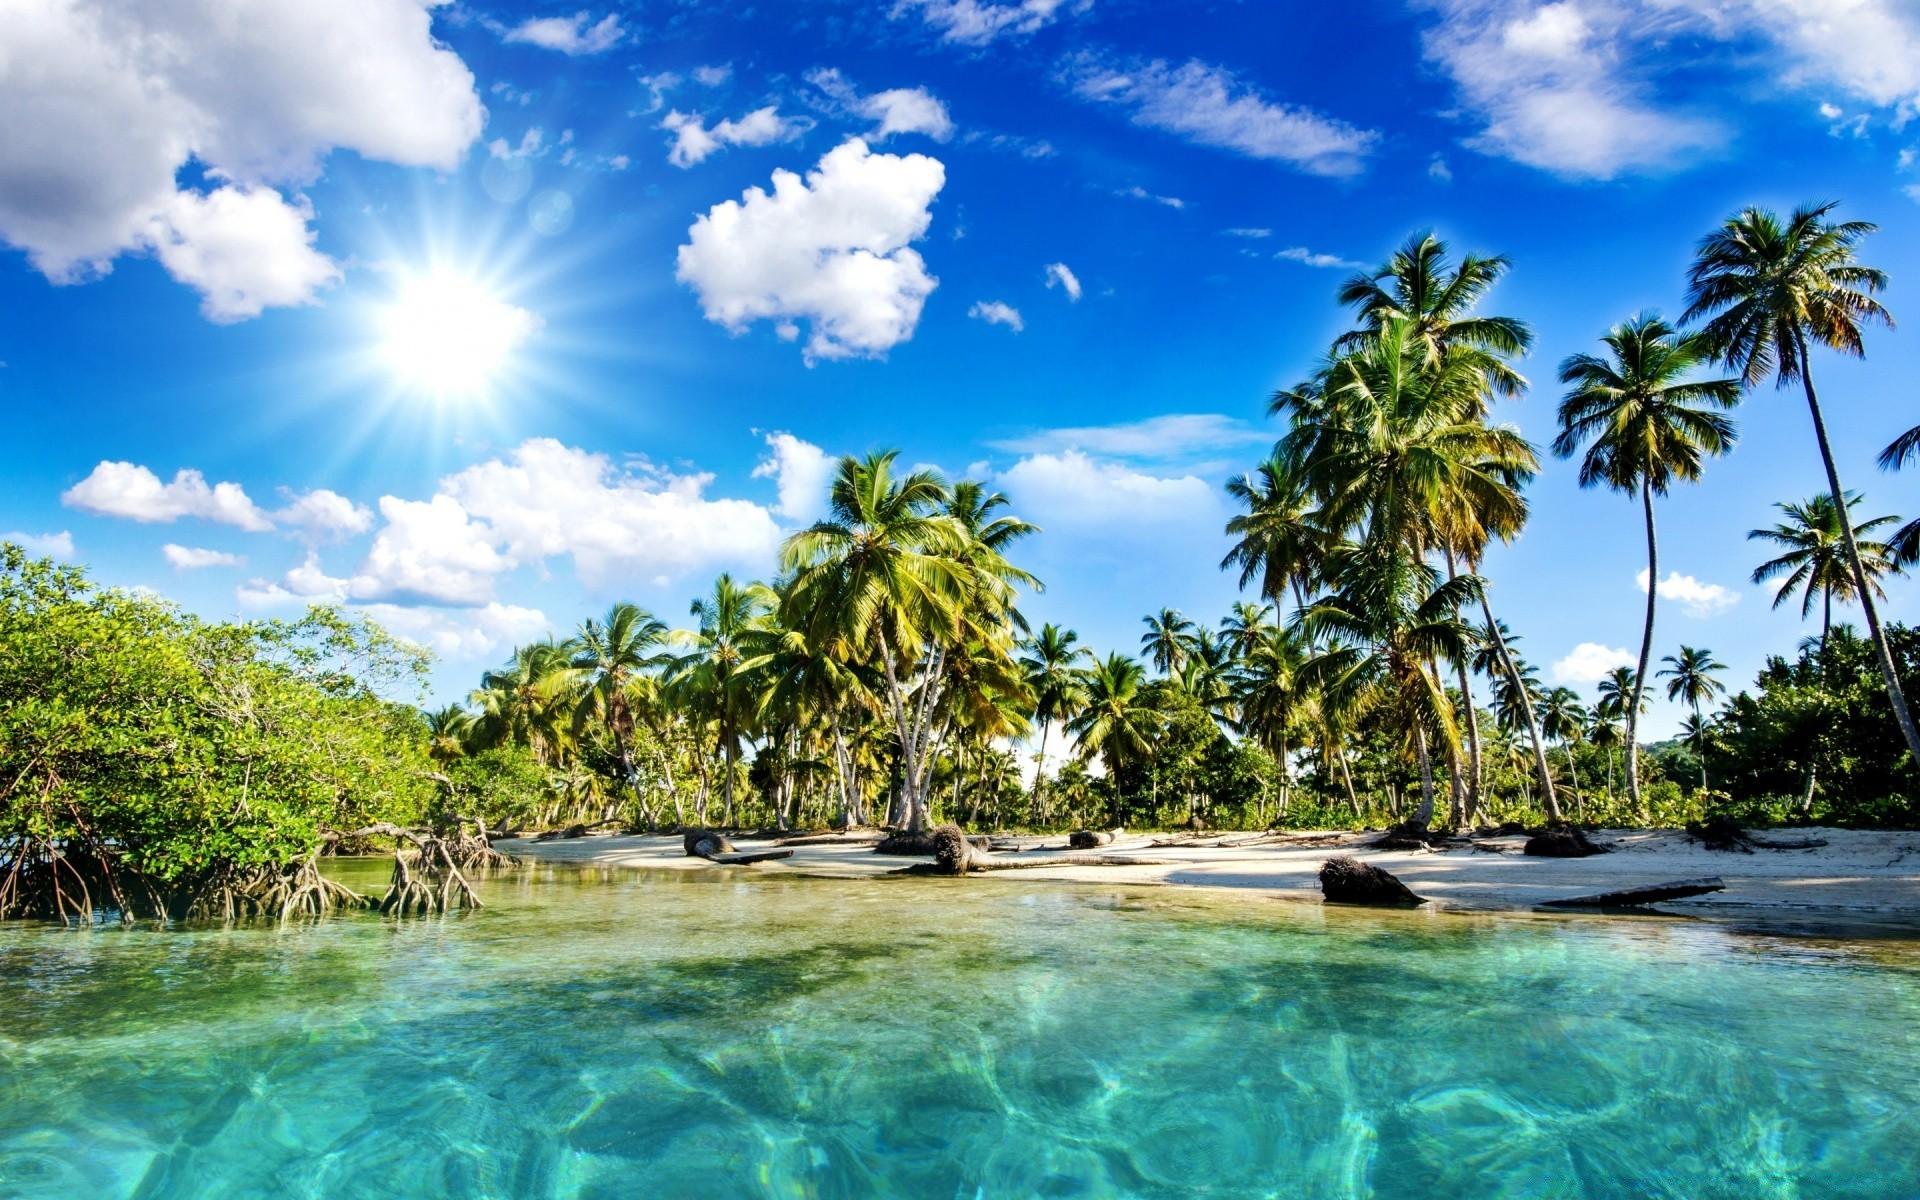 Картинки море пляж солнце, меня волнуешь прикольные